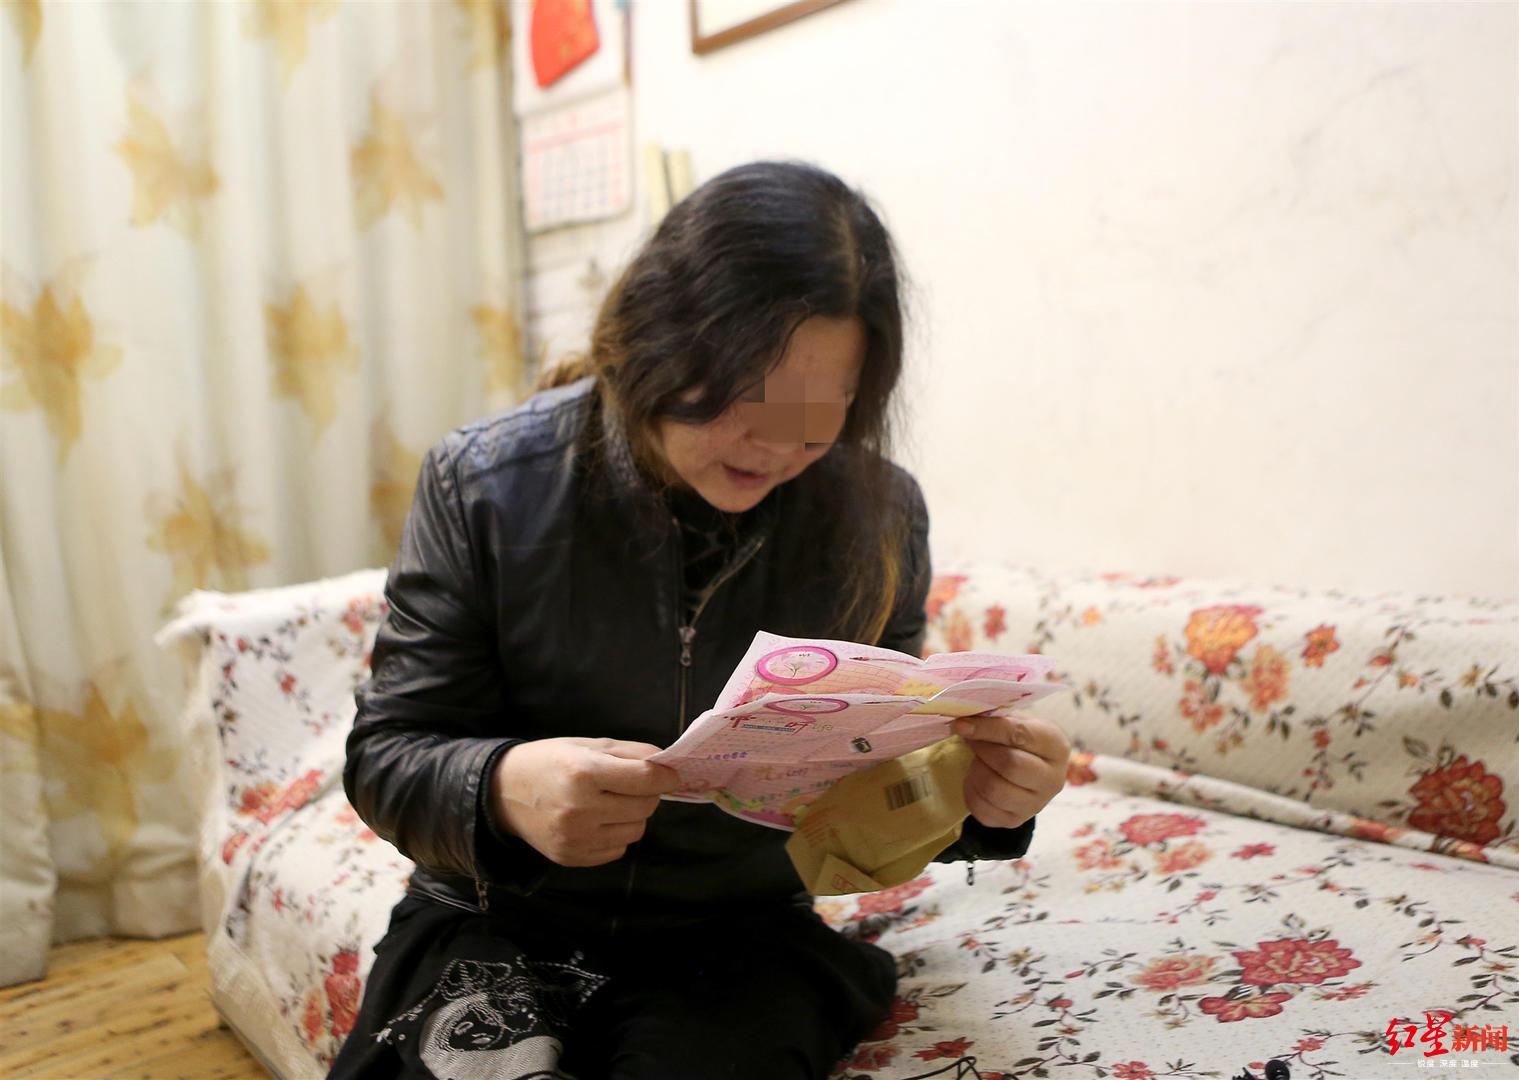 李代琼【在】读儿【子】【在】狱【中】写给【他】女儿【的】信